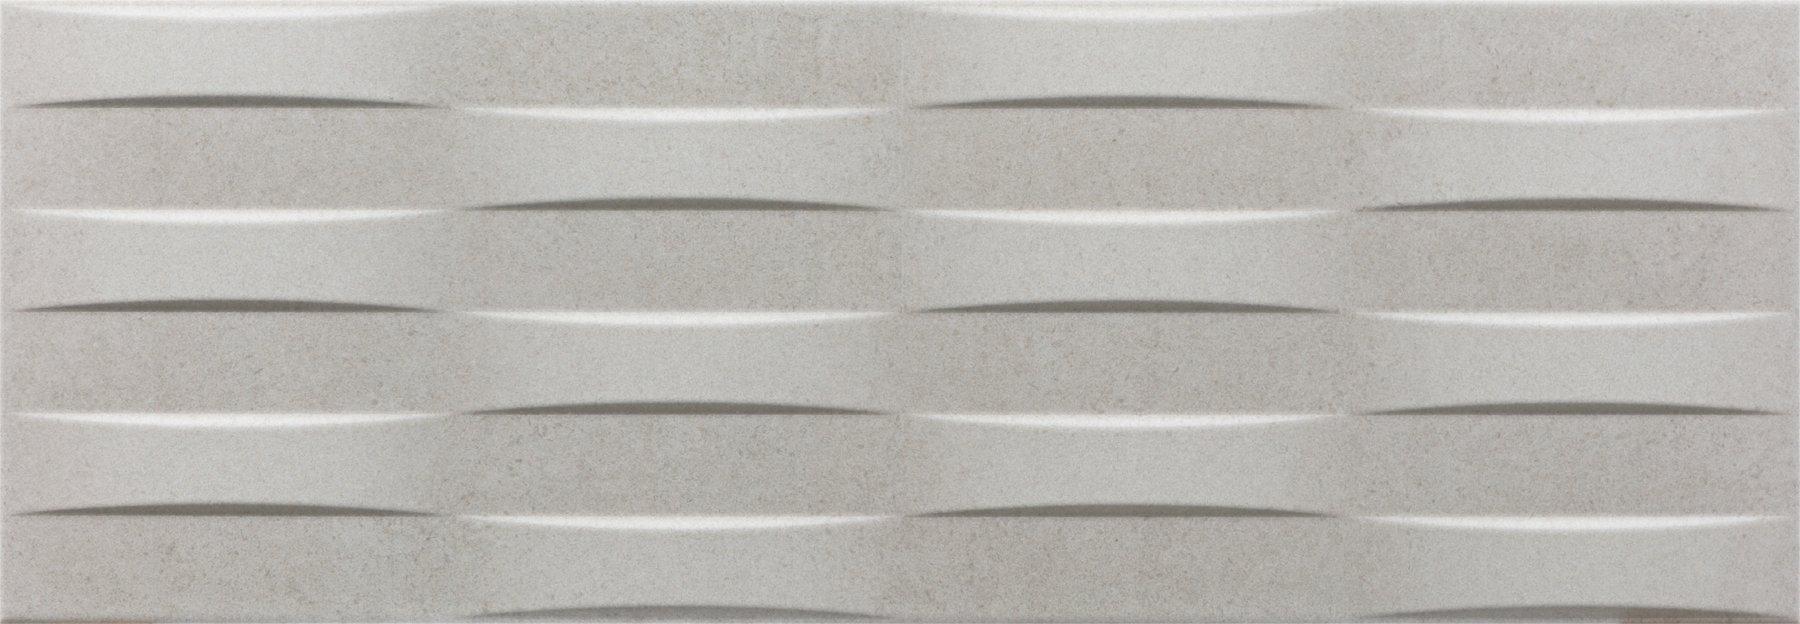 Faianță pentru baie Navarti Rodano Relief Odra Perla 250x700 texturată și satin gri / 9